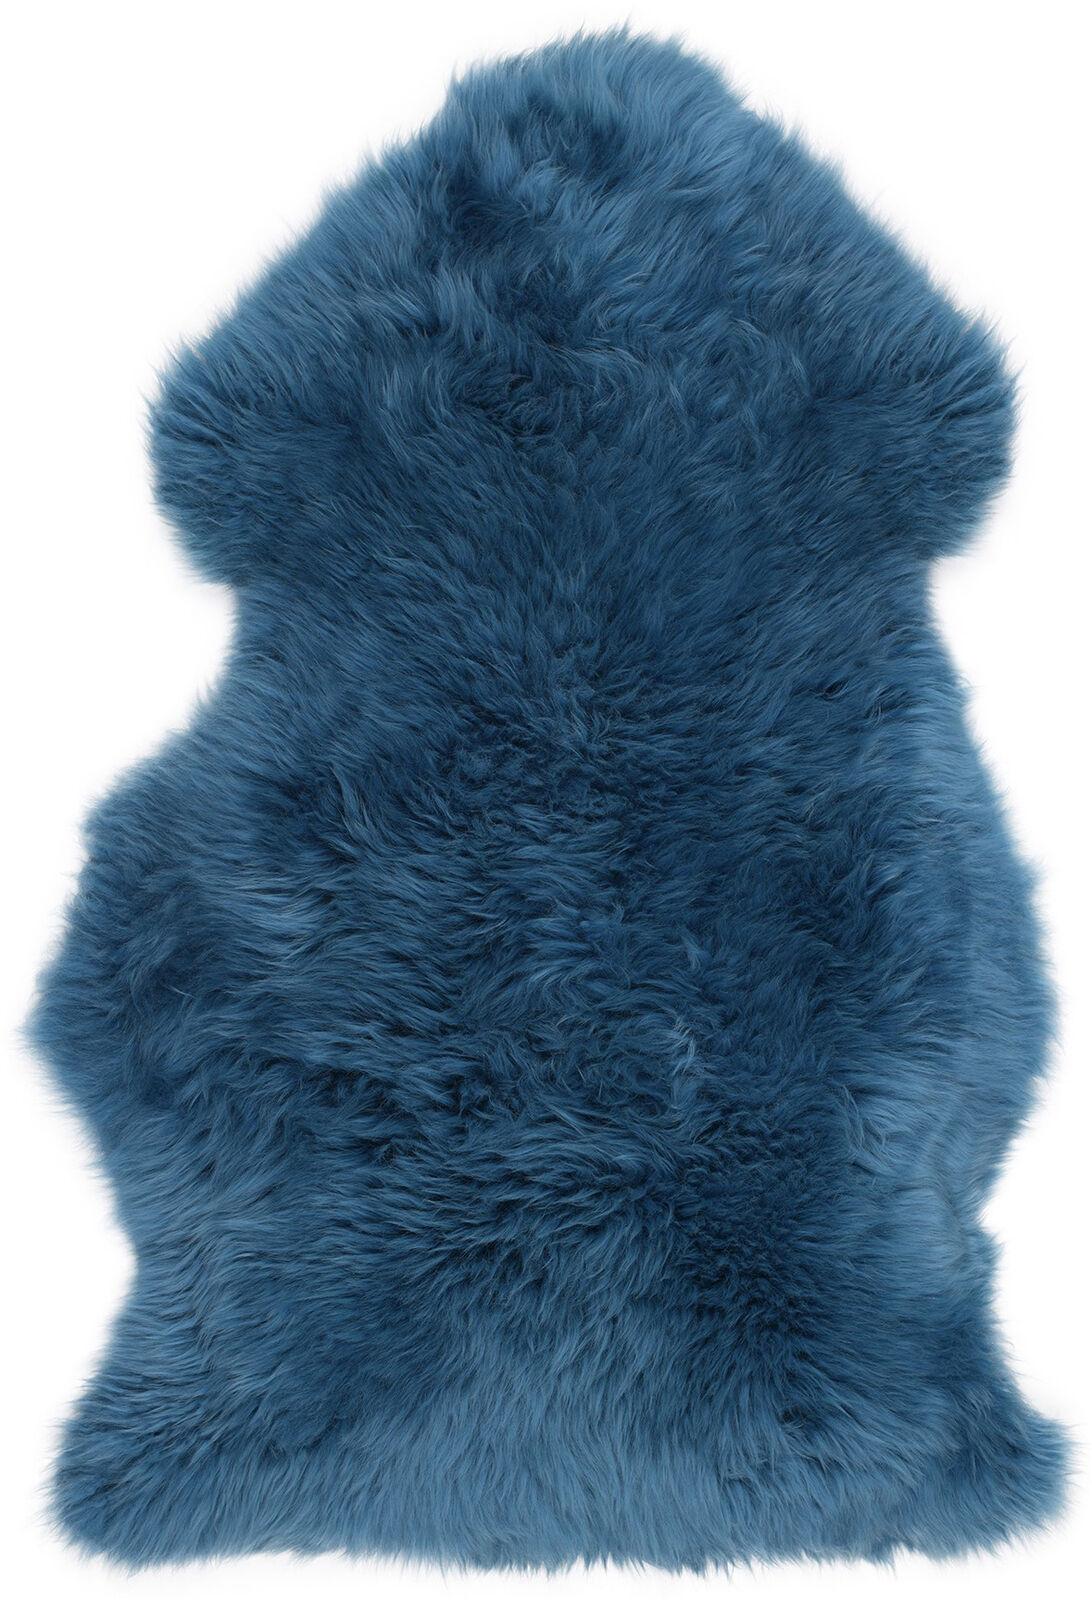 Superweich Groß Echt Echtes Schafsfell Teppich in mittelhoch blau von lambland